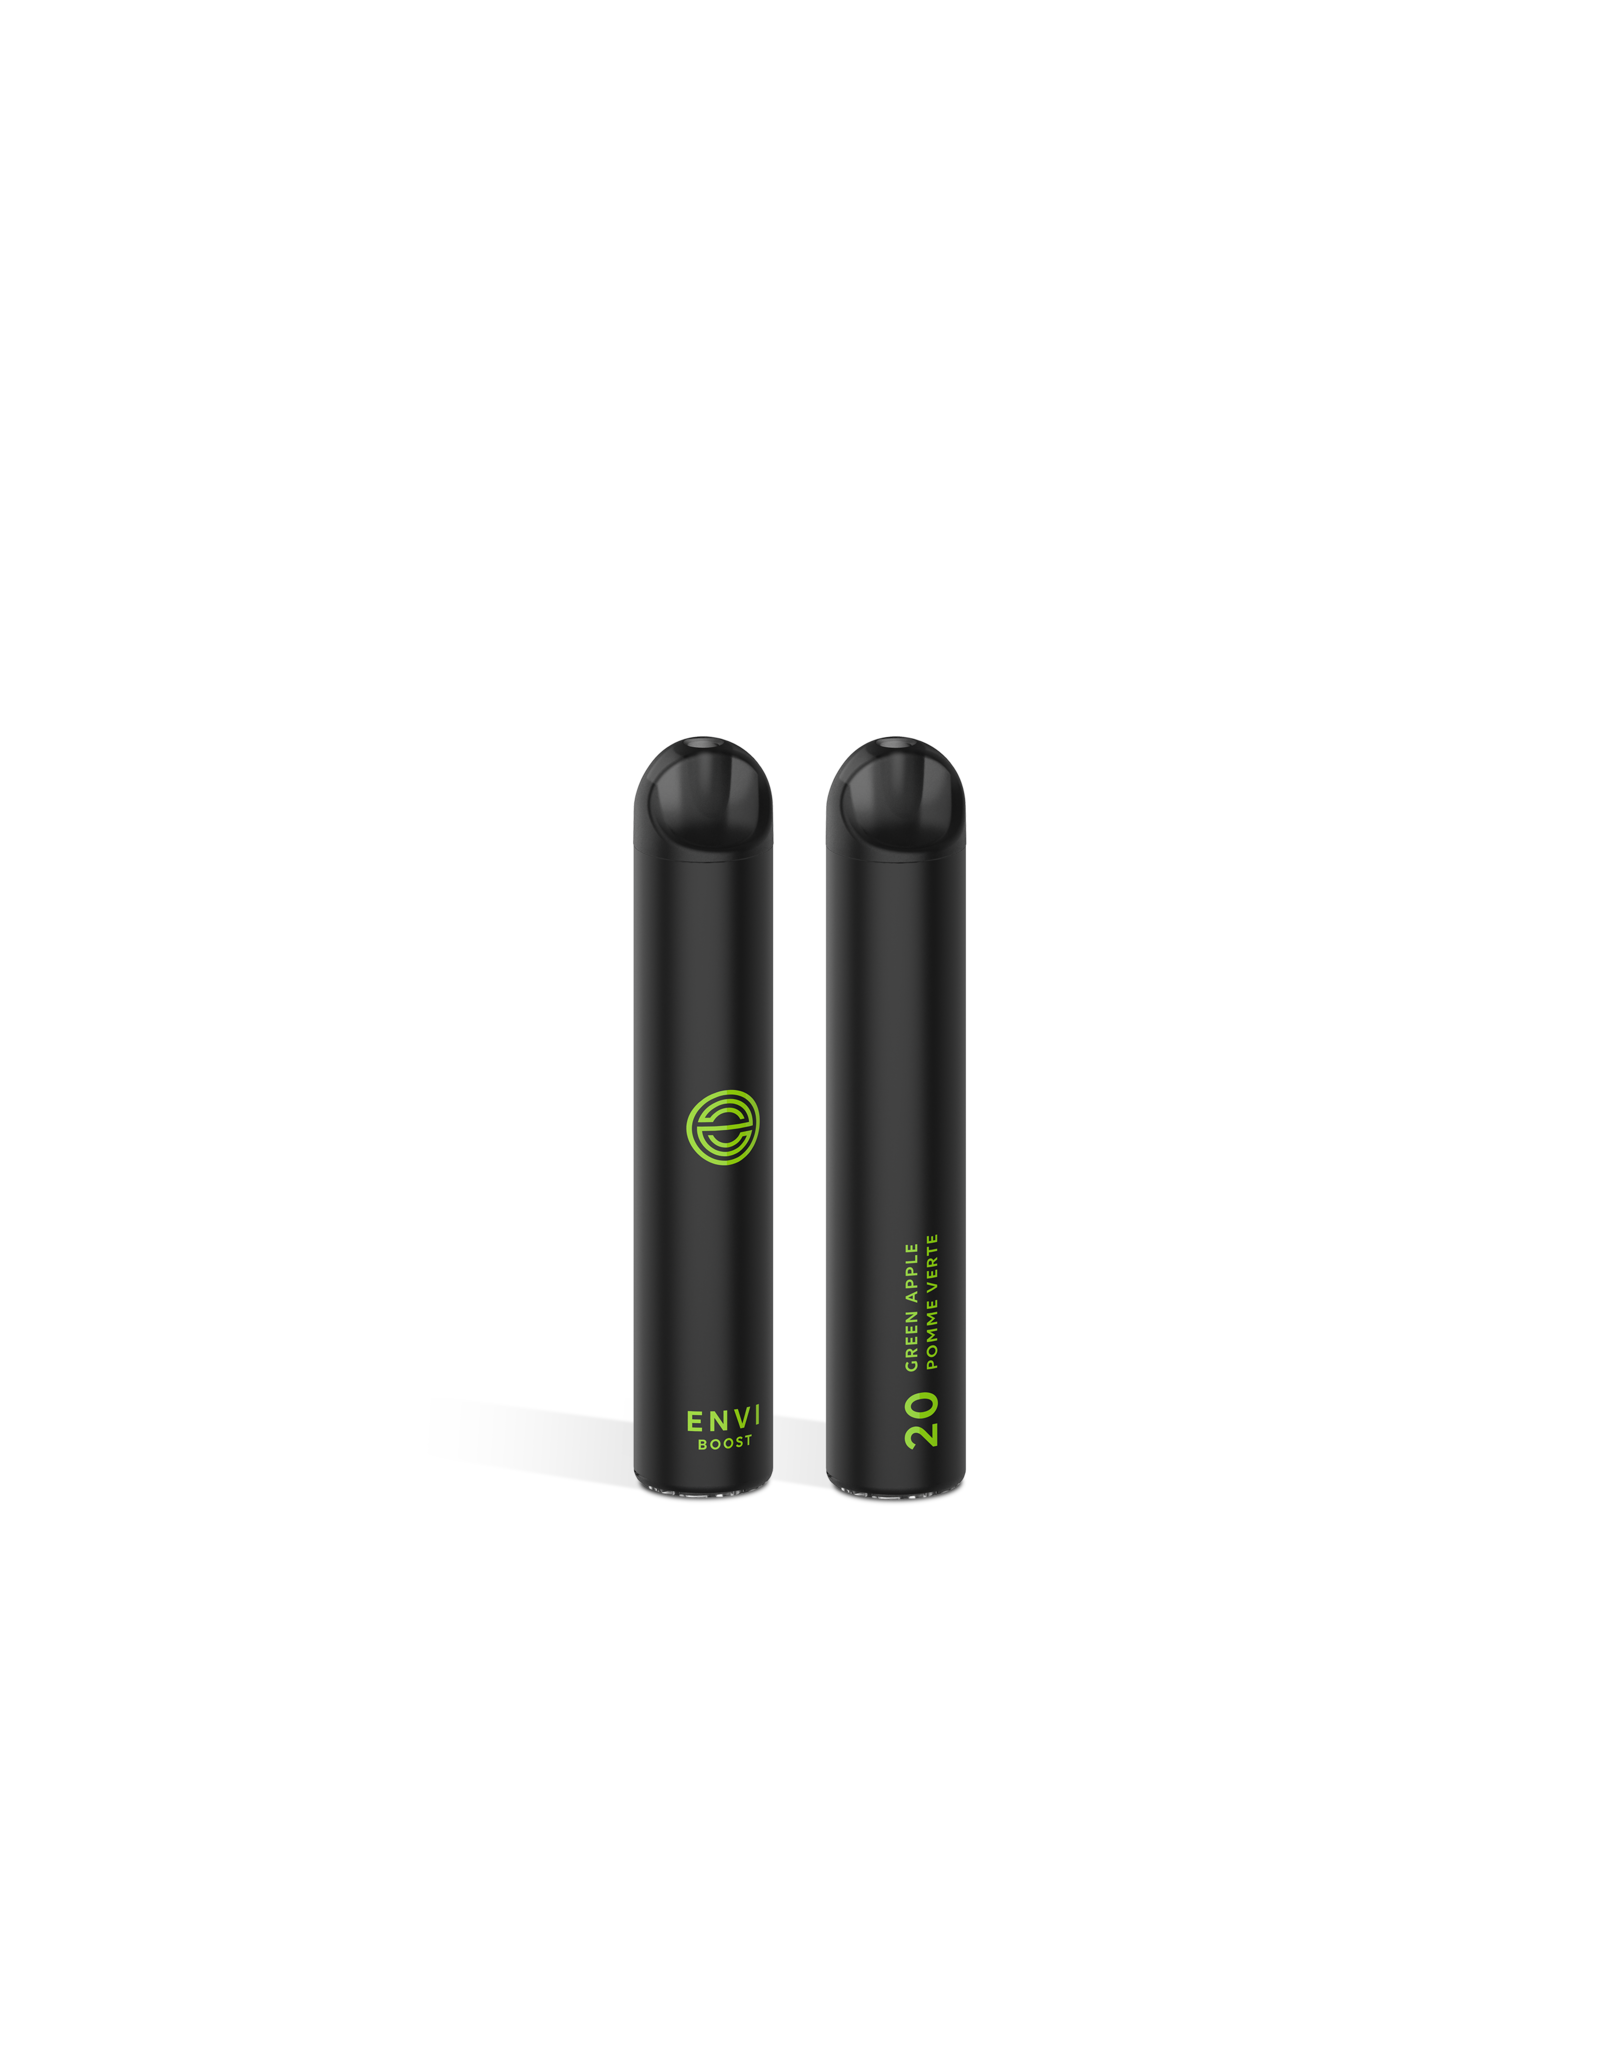 Envi Envi Boost Disposable Device (Single)